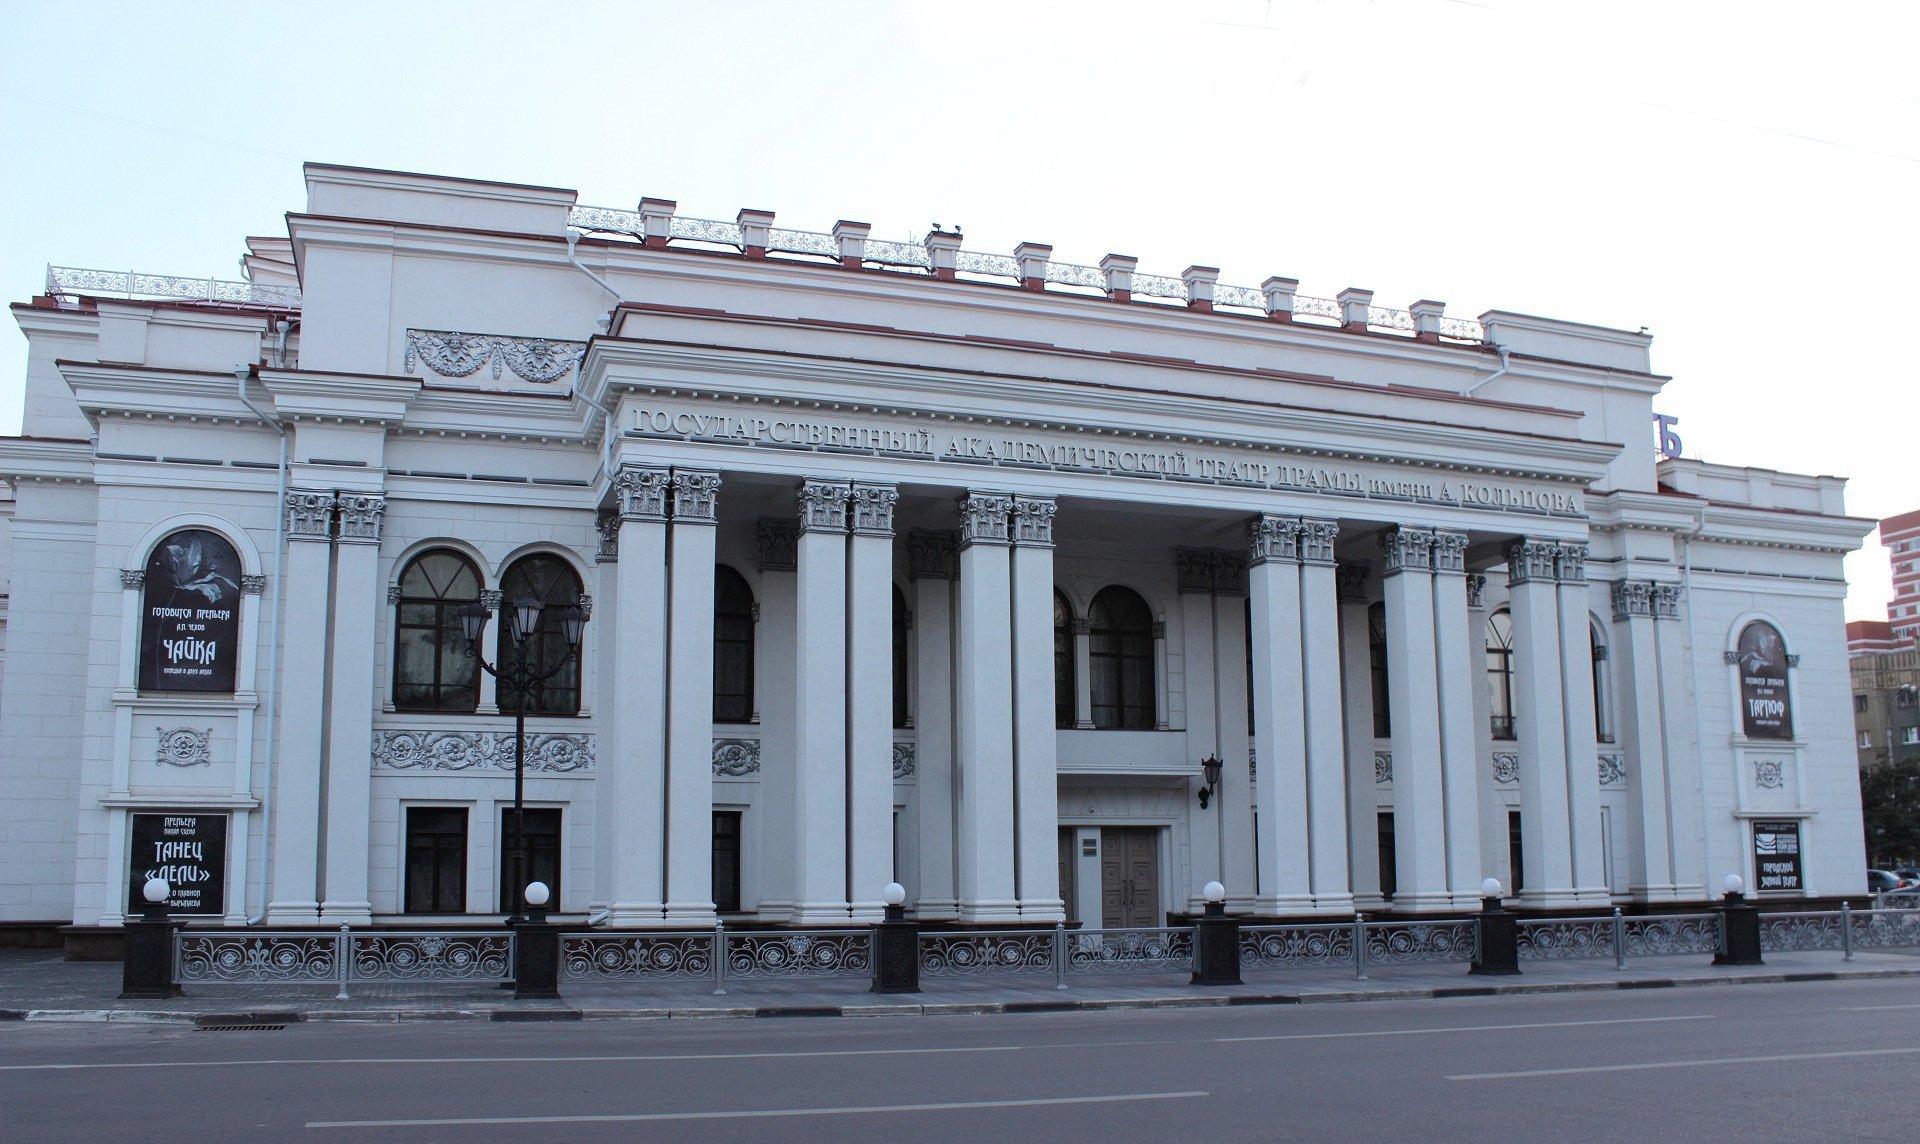 Афиша театра кольцова в воронеже билет в кино с открытой датой пенза